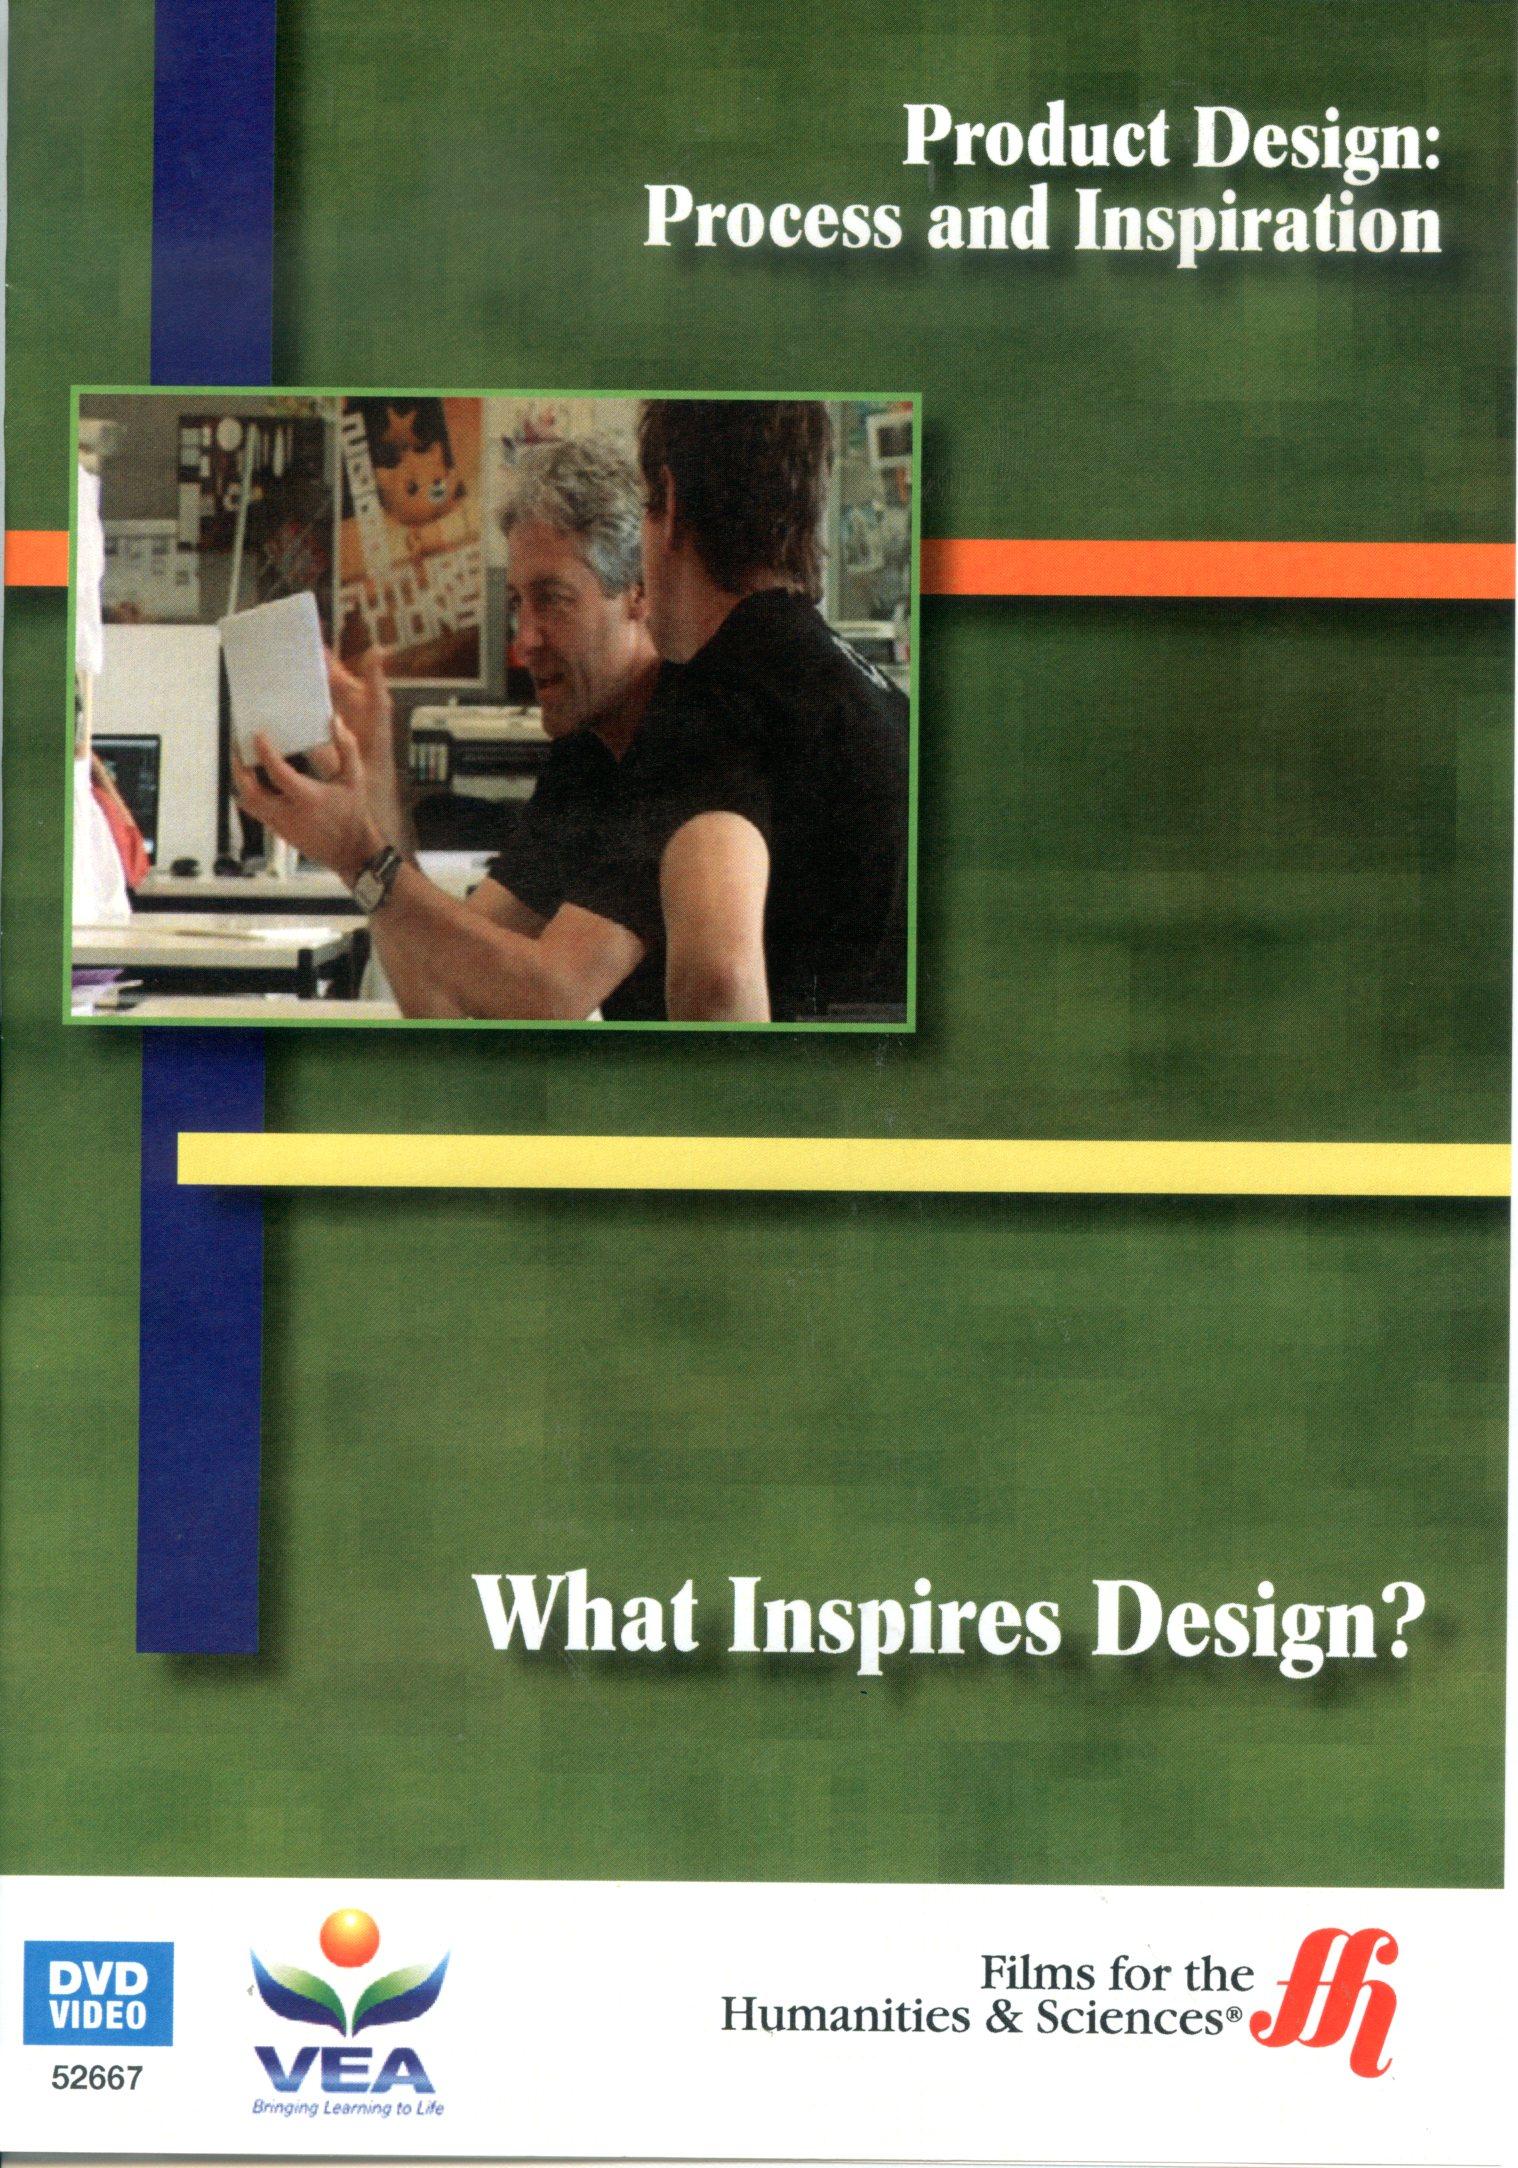 What inspires design?